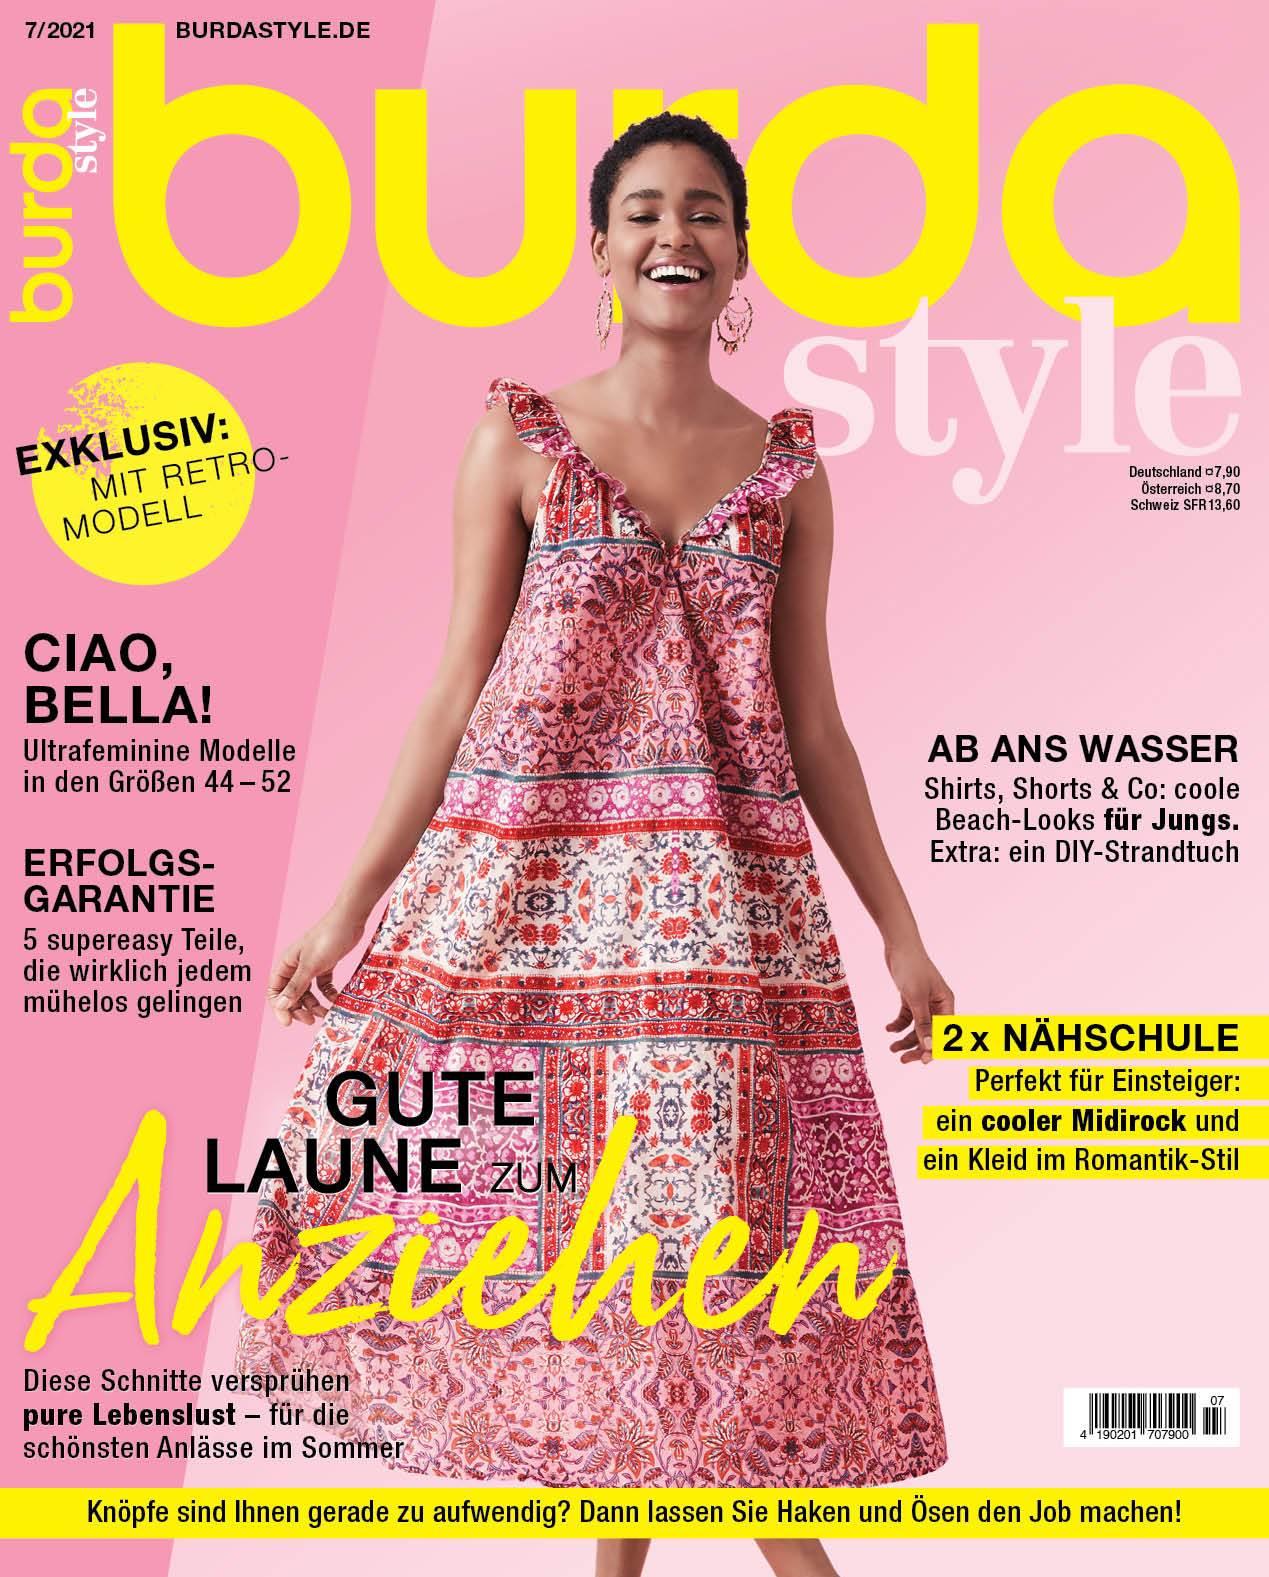 Cover_BURDA_07_150